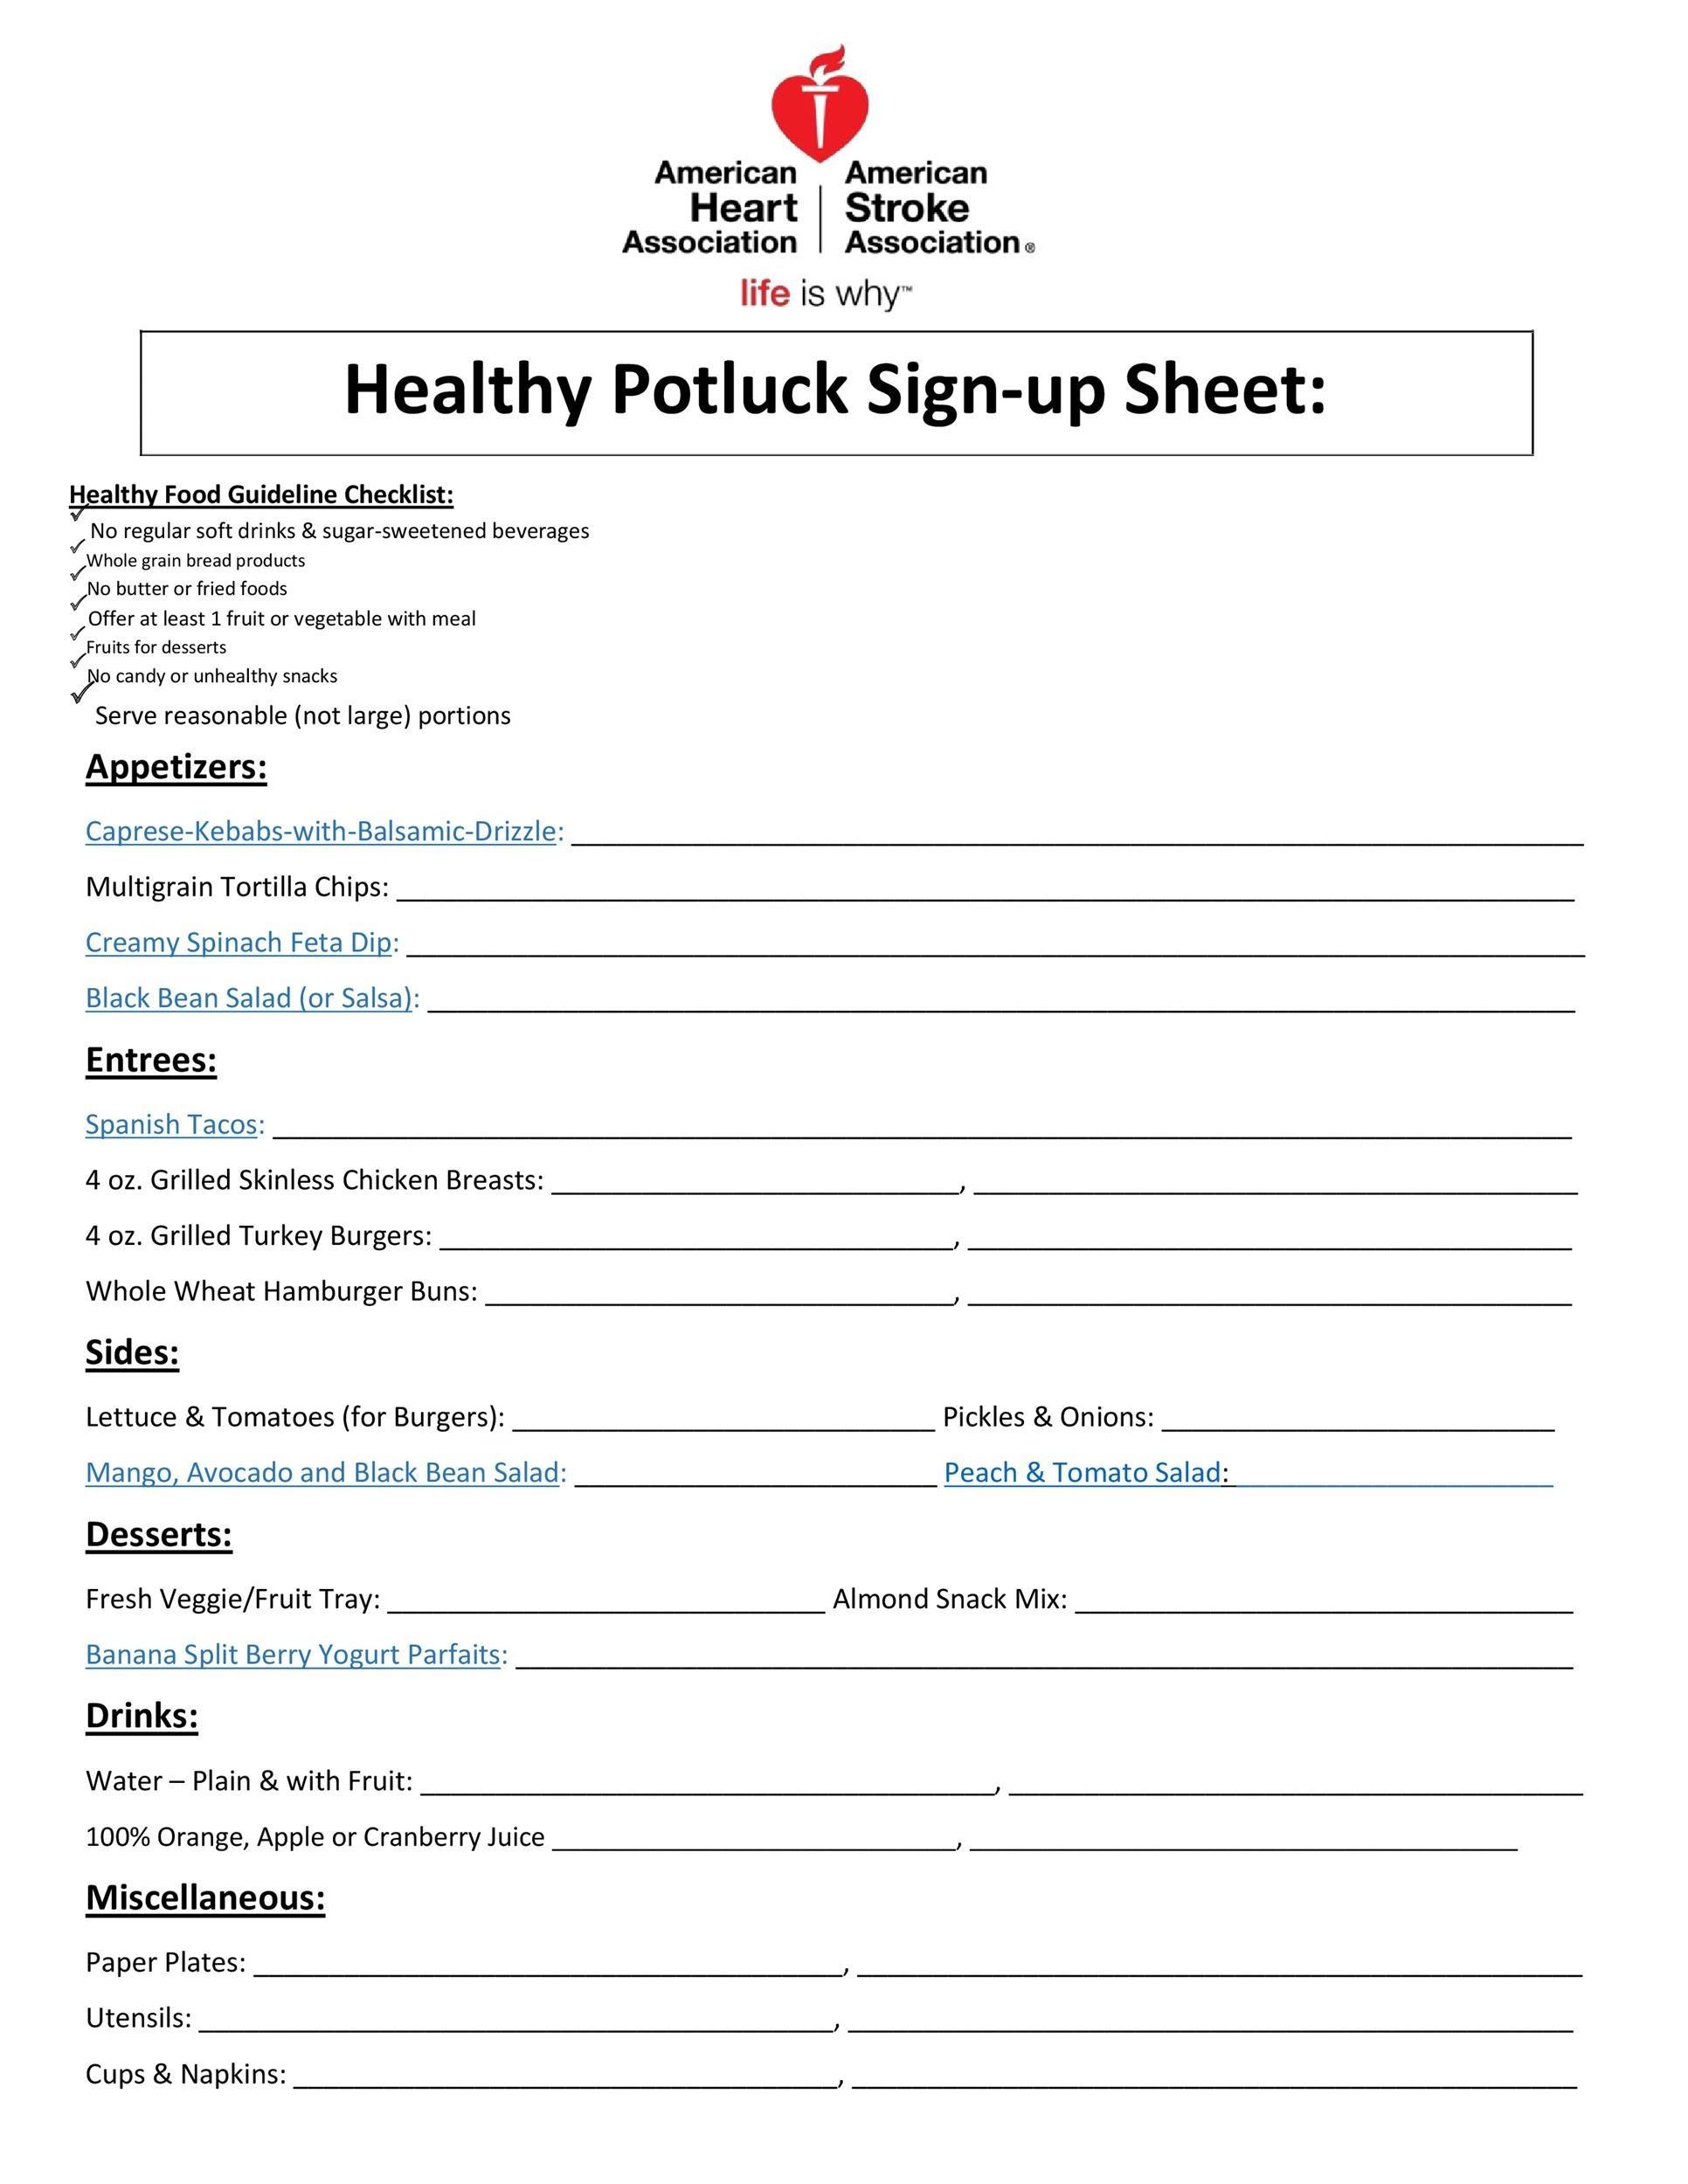 Free potluck sign up sheet 08